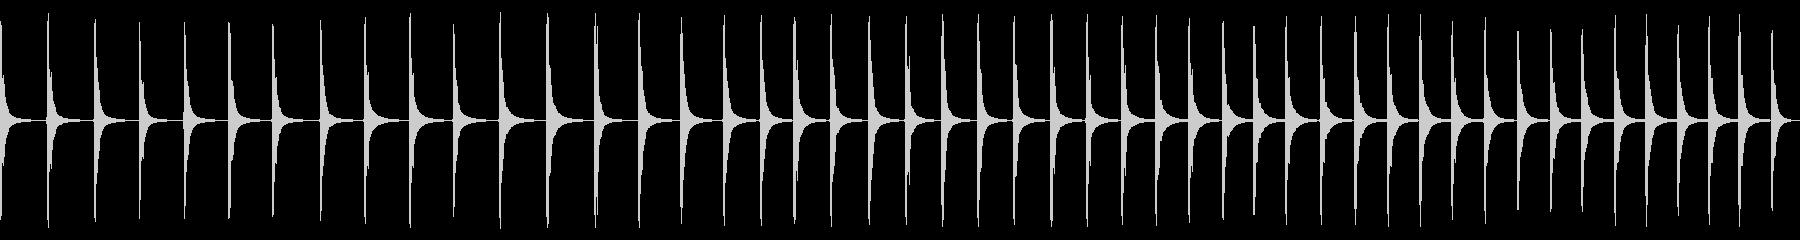 多くの連続した金属スズヒット、安定...の未再生の波形